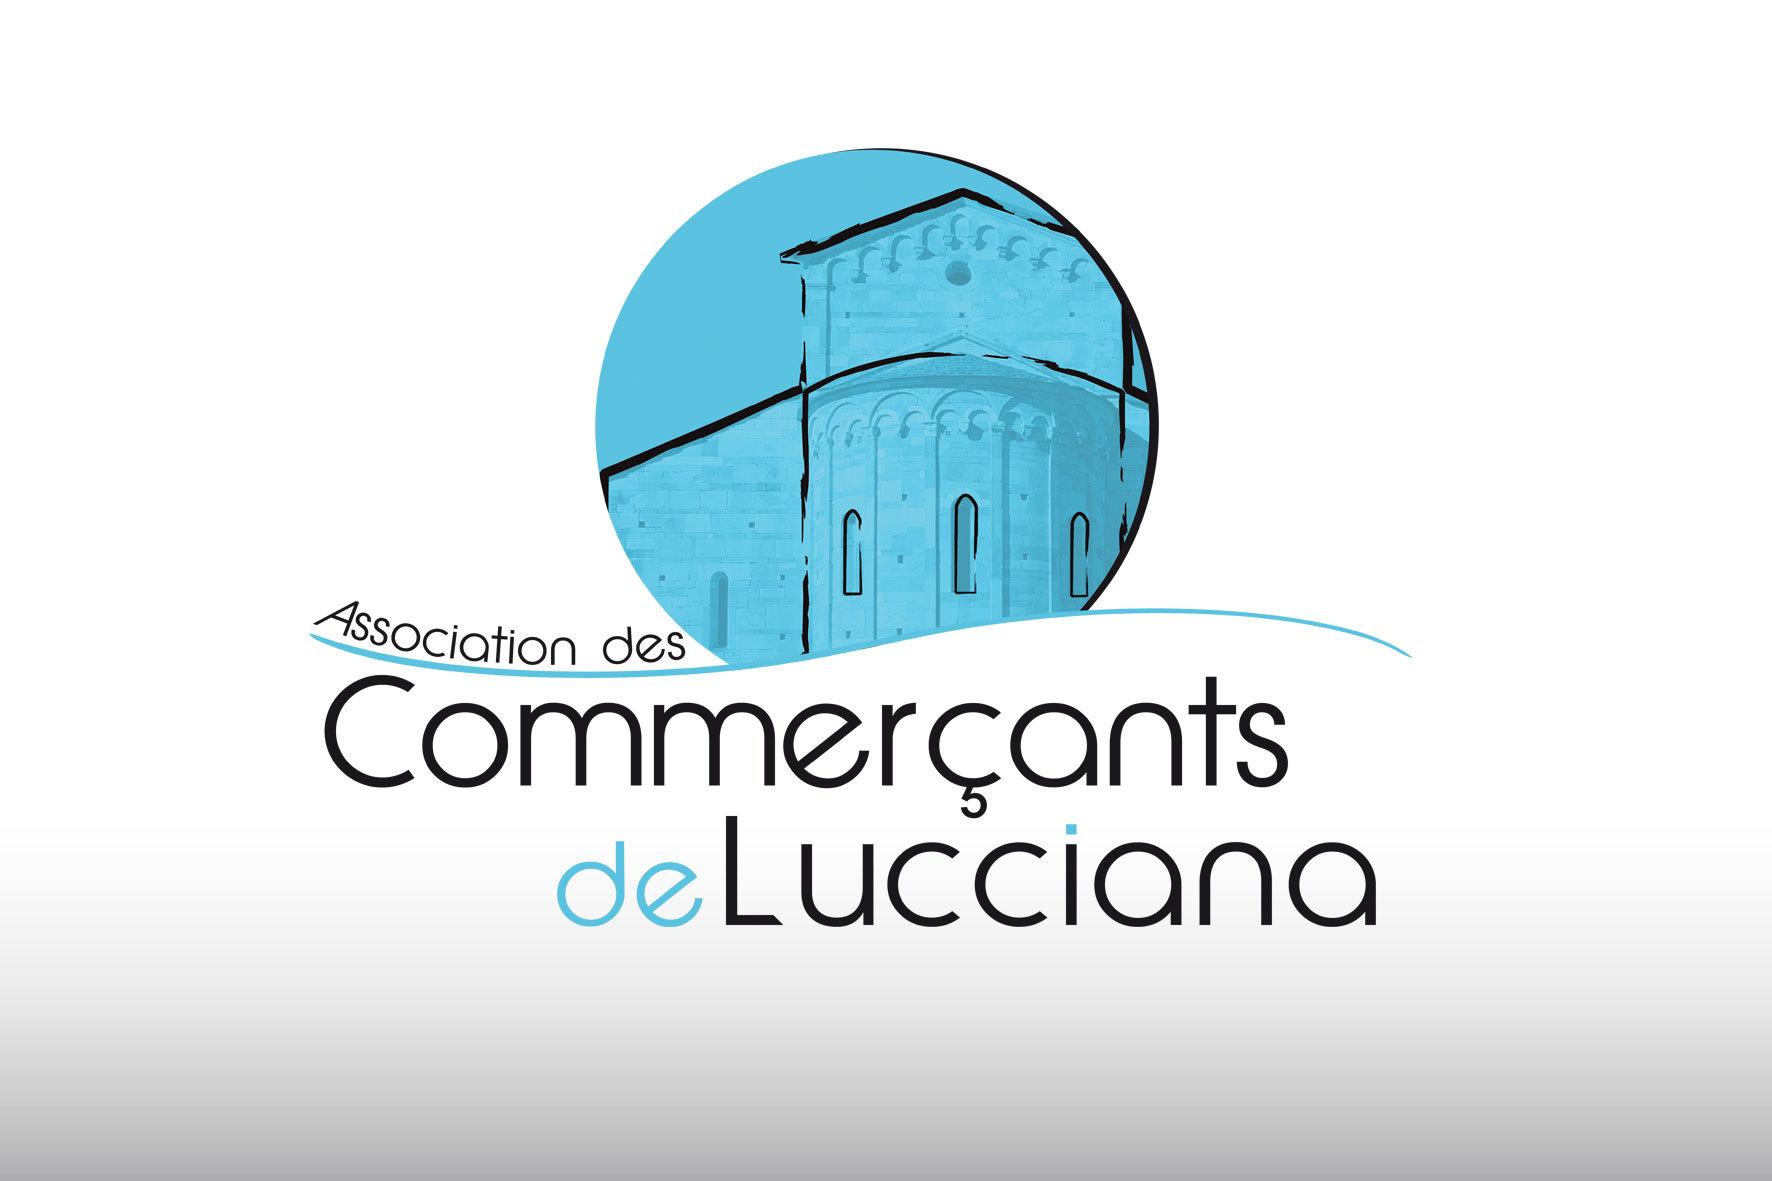 Assoc. des commerçants de Lucciana